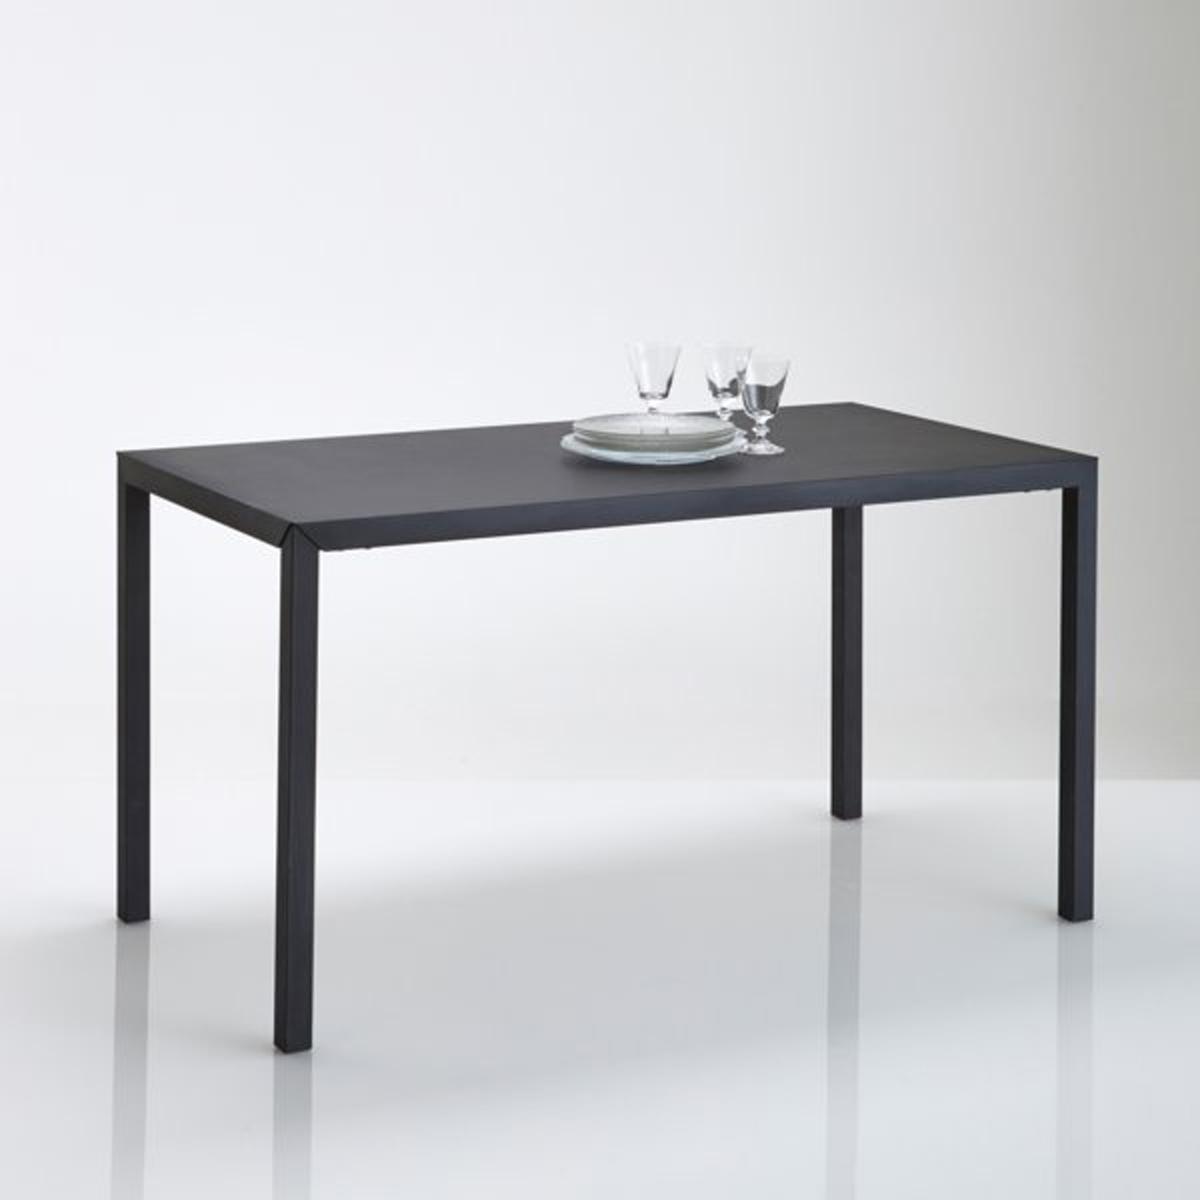 Стол LaRedoute Обеденный из черного матового металла на 4 персоны Hiba 4 персоны черный стол laredoute обеденный 68 cперсон массив сосны alvina 8 персоны белый